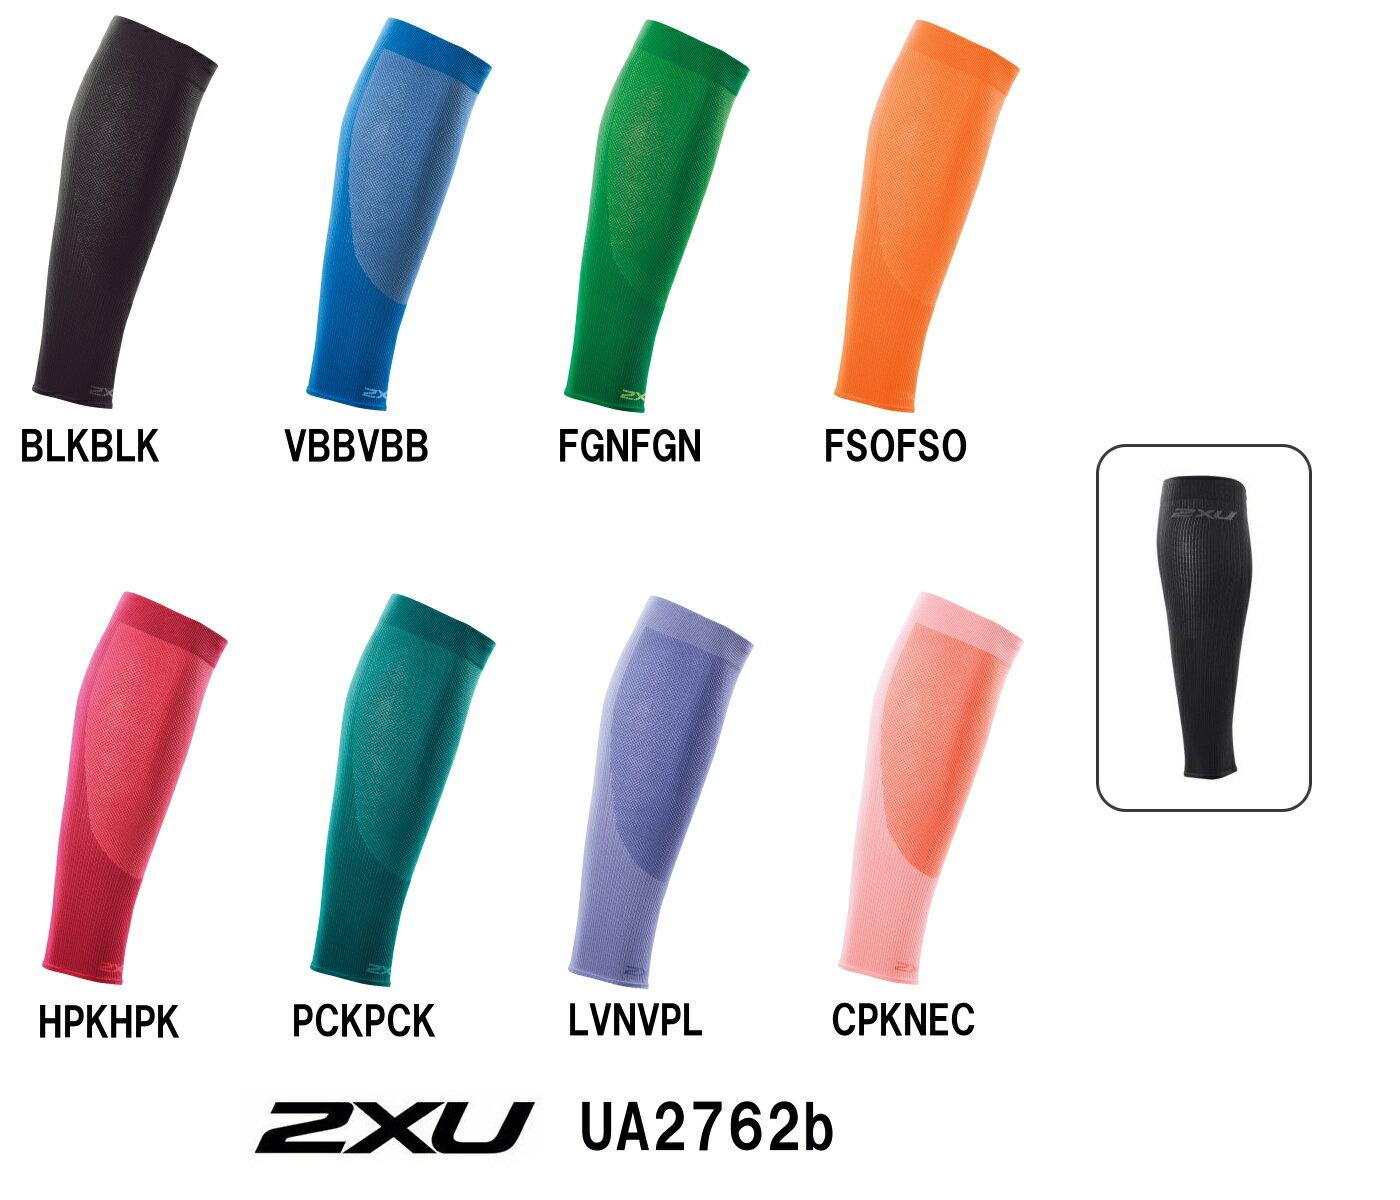 【UA2762b】2XU(ツー・タイムズ・ユー)コンプレッションパフォーマンスランスリーブ-HK